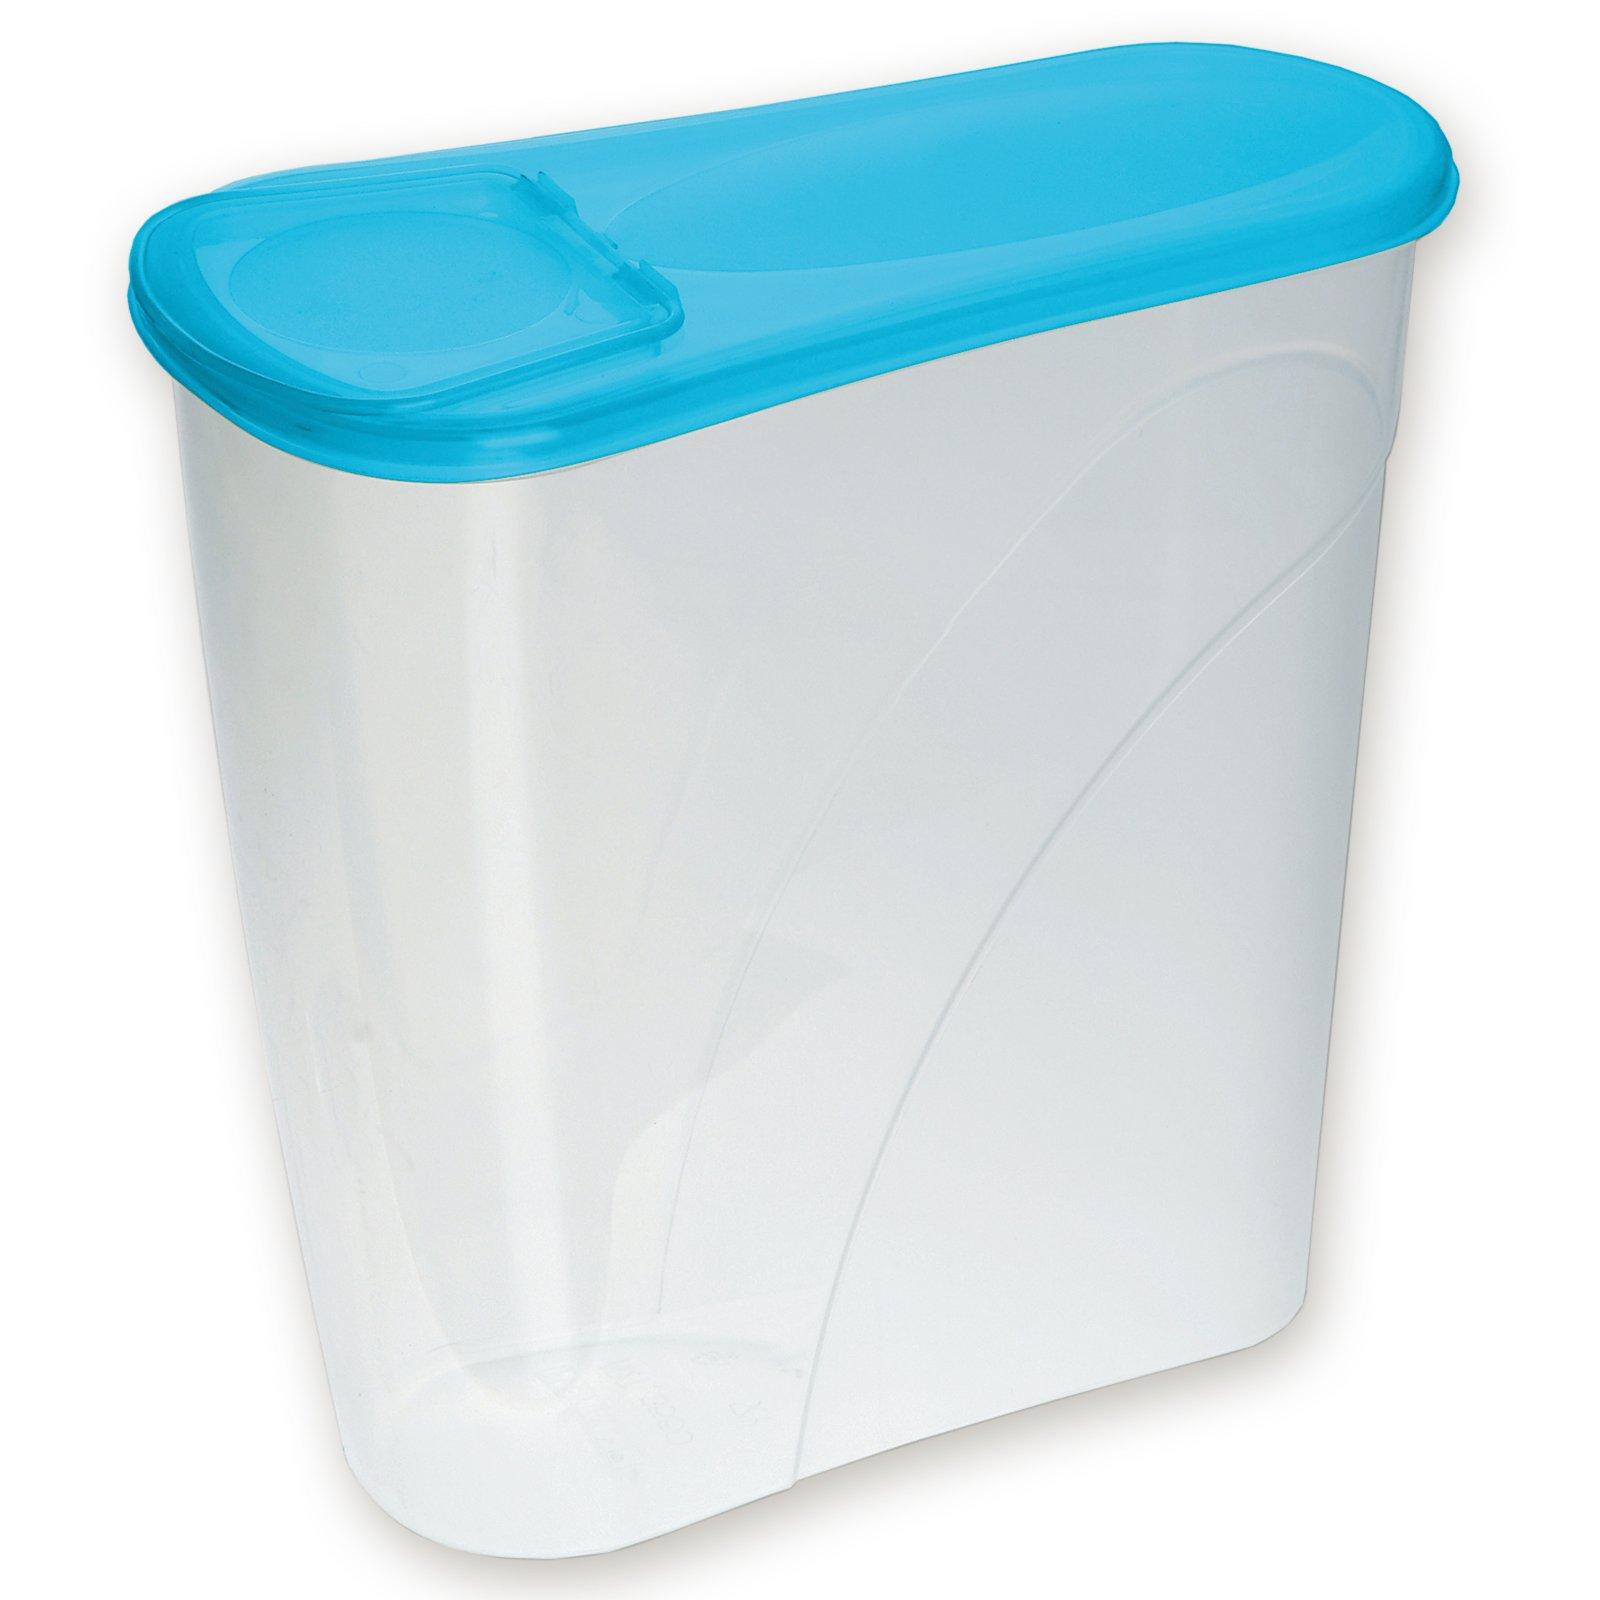 Schüttdose - hellblau - 2,6 Liter